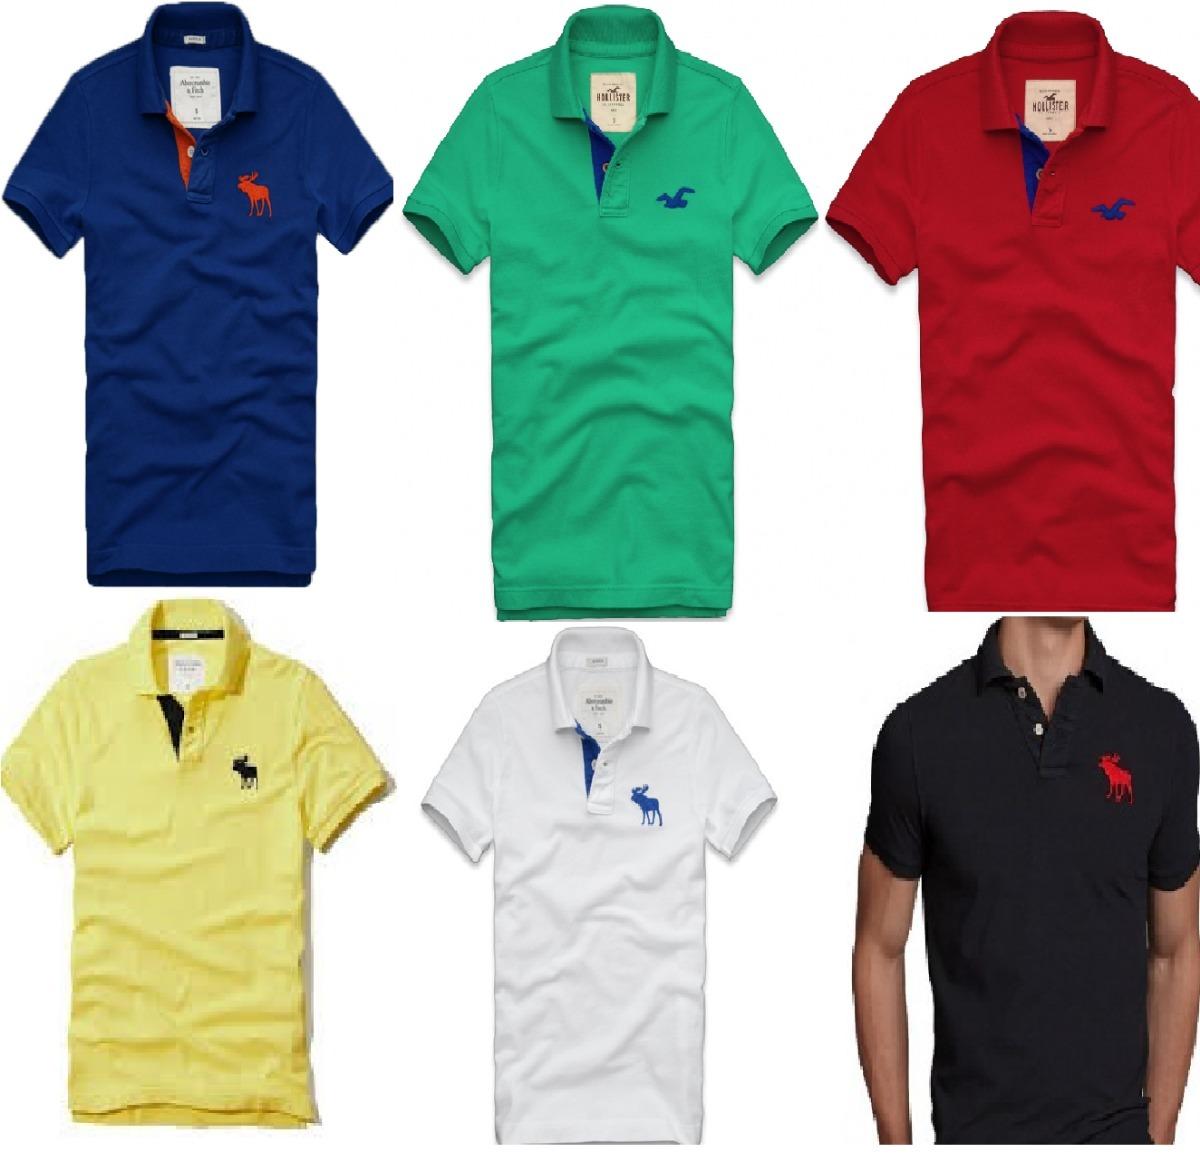 kit 3 camisas polo masculina camiseta blusa de luxo atacado. Carregando  zoom. a19c78c577914